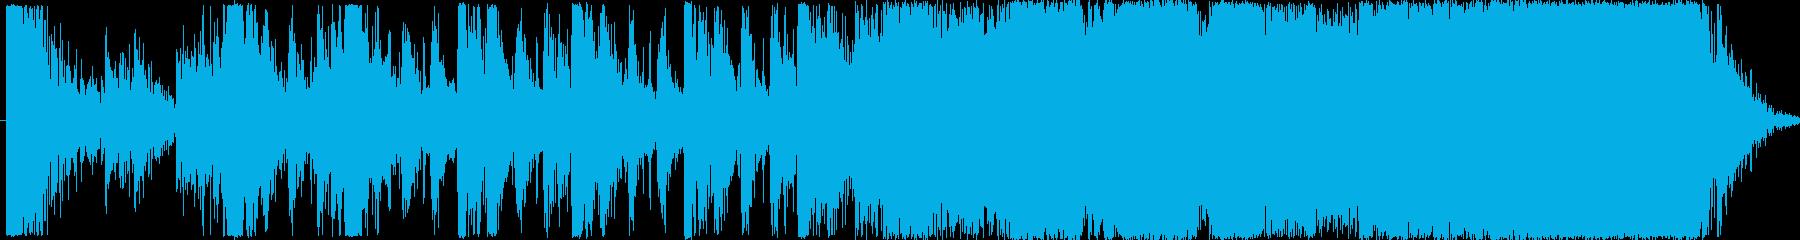 オーケストラアレンジオープニング曲の再生済みの波形